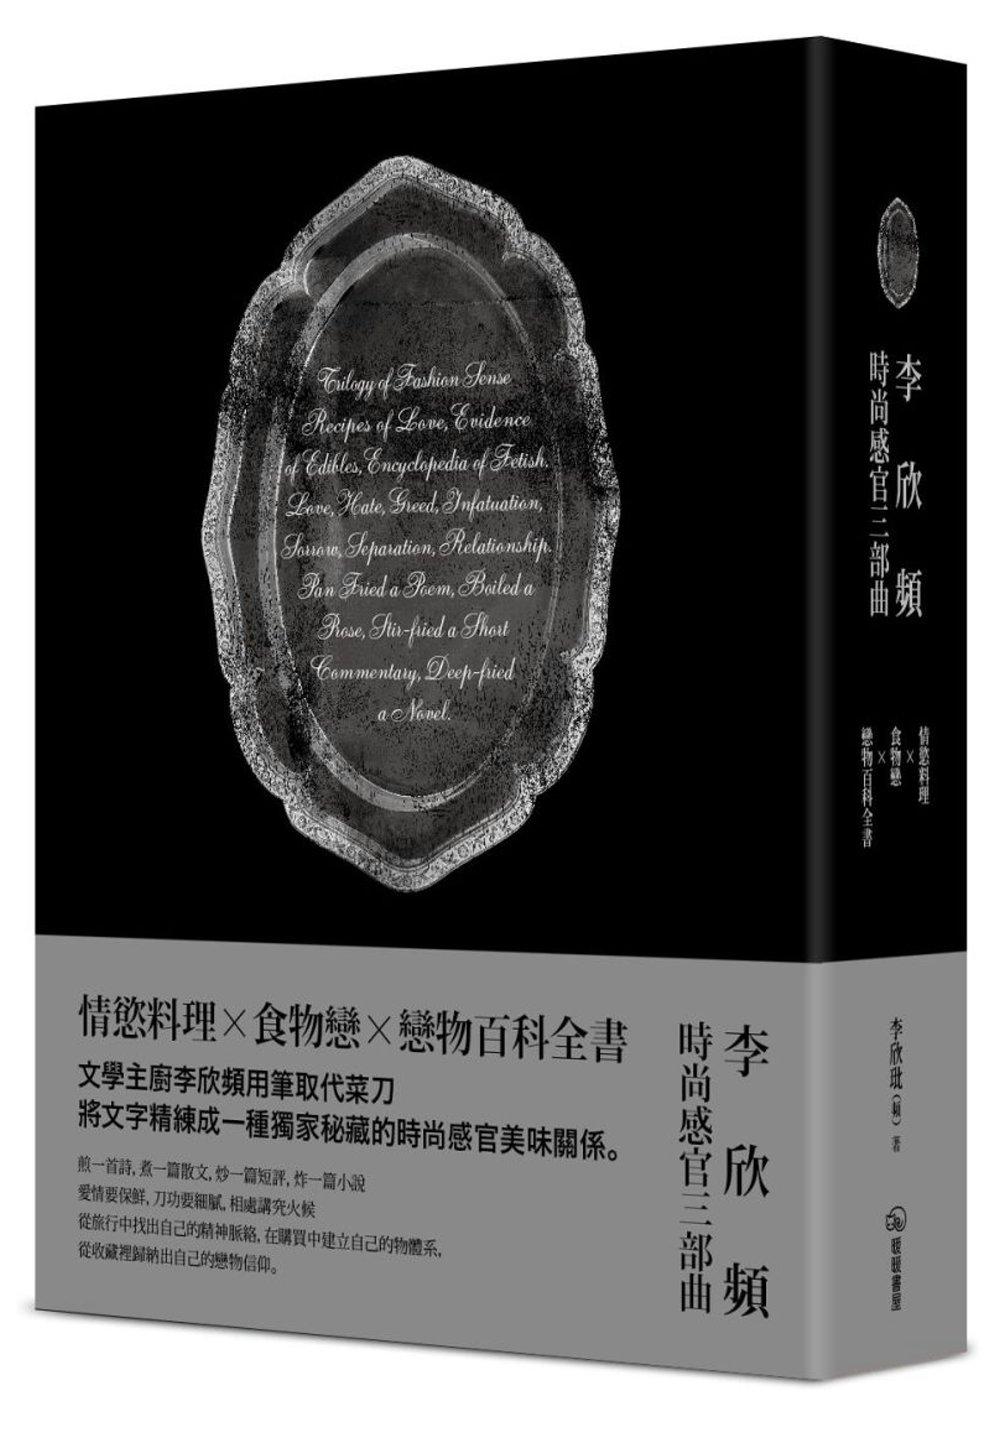 李欣頻的時尚感官三部曲:《情慾料理》、《食物戀》、《戀物百科全書》